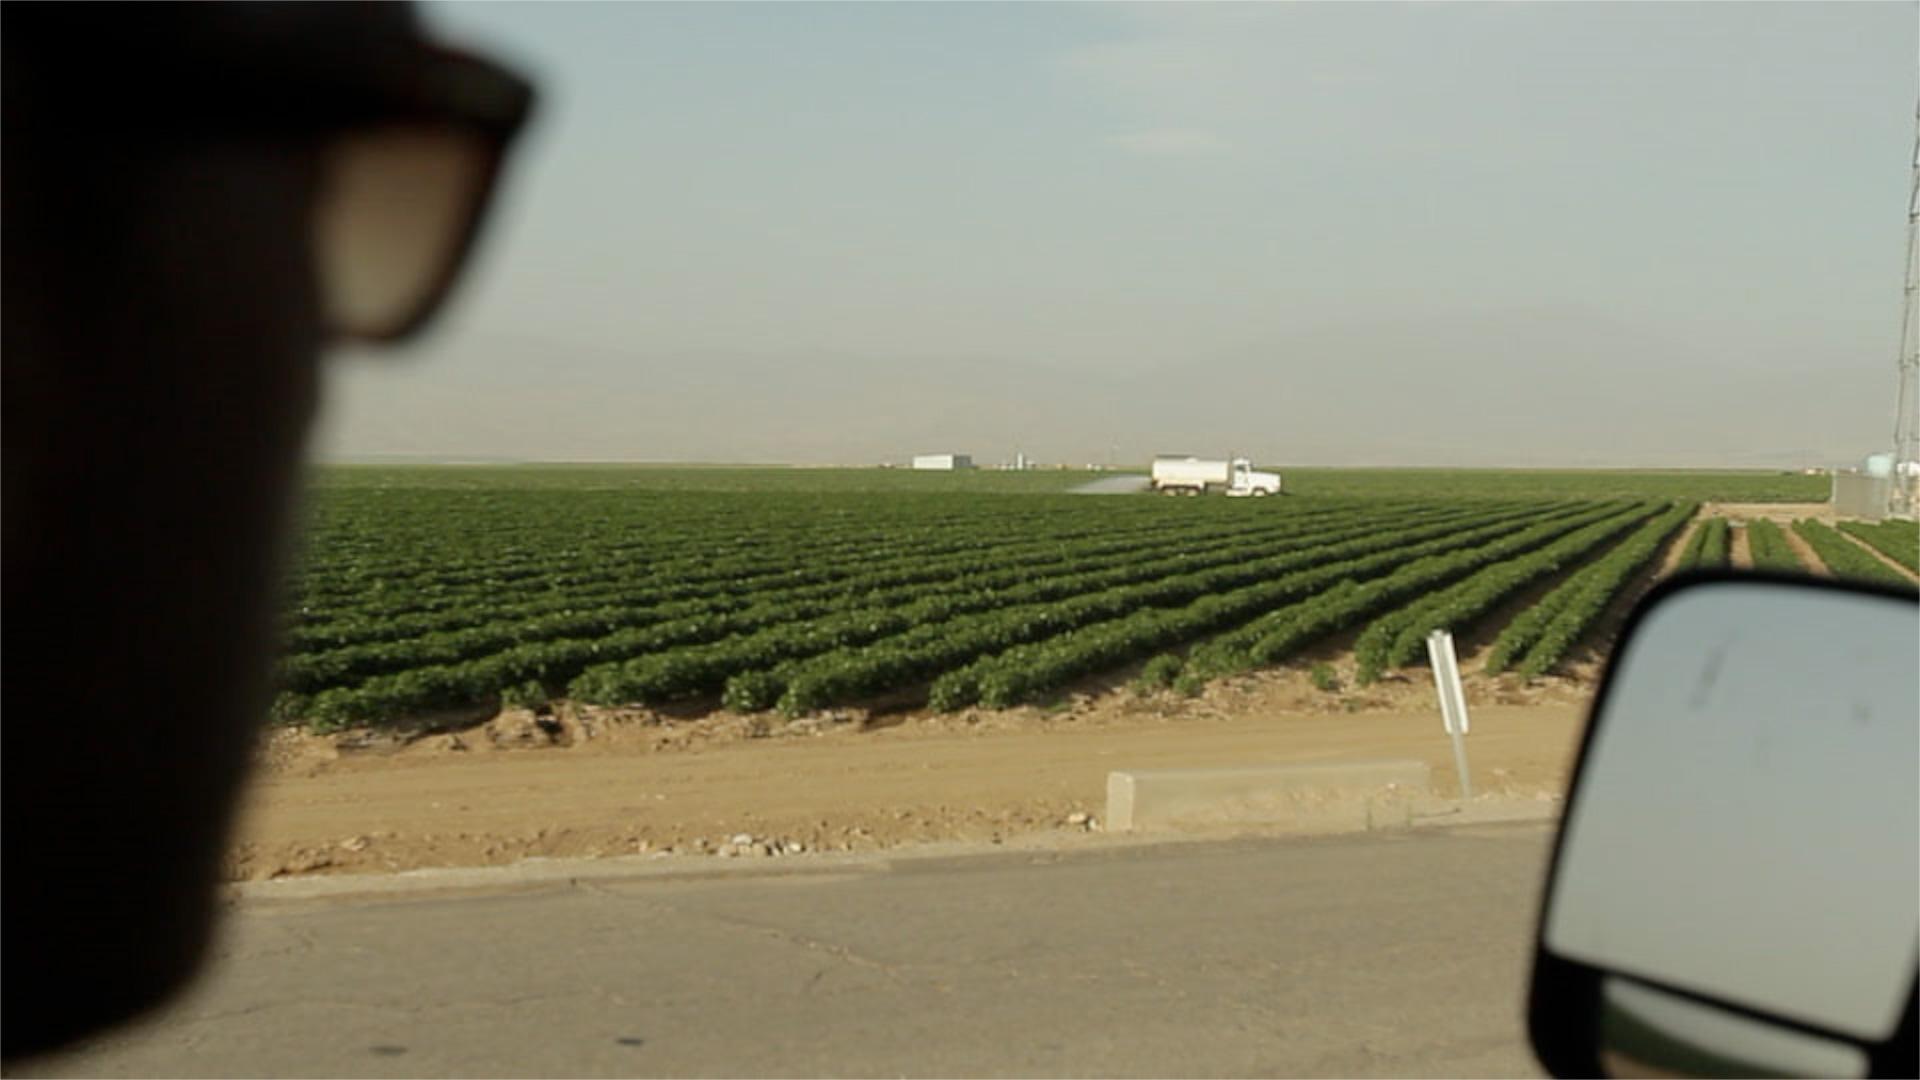 mega-farm-pov.jpg